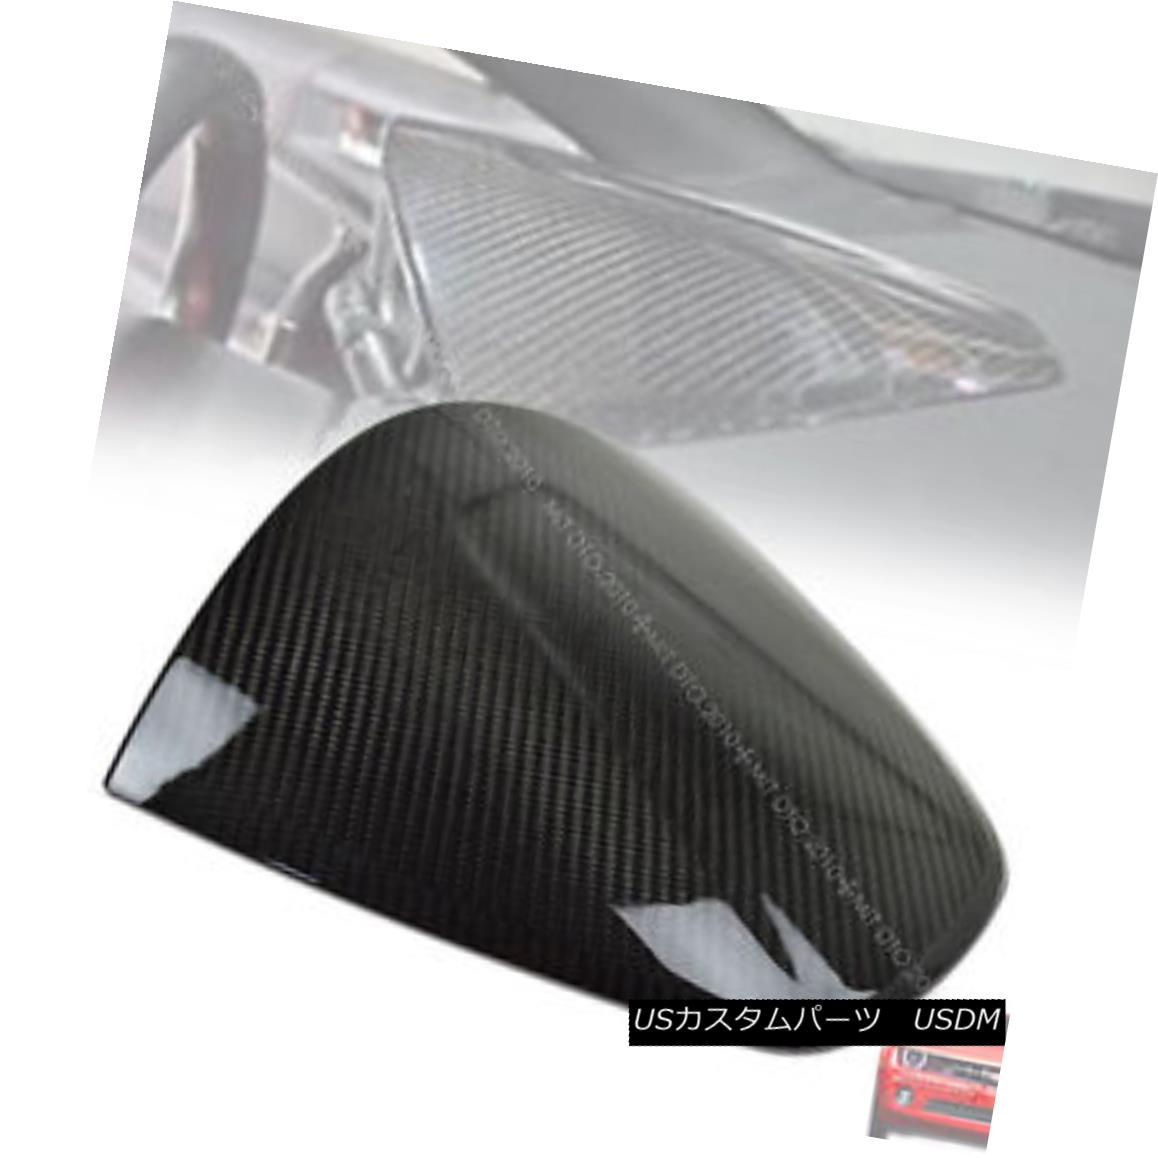 エアロパーツ Carbon Fiber For Scion FRS Subaru BRZ GT86 Toyota Dashboard Cluster Gauge Cover サイオンFRSスバルBRZ GT86用カーボンファイバートヨタダッシュボードクラスターゲージカバー